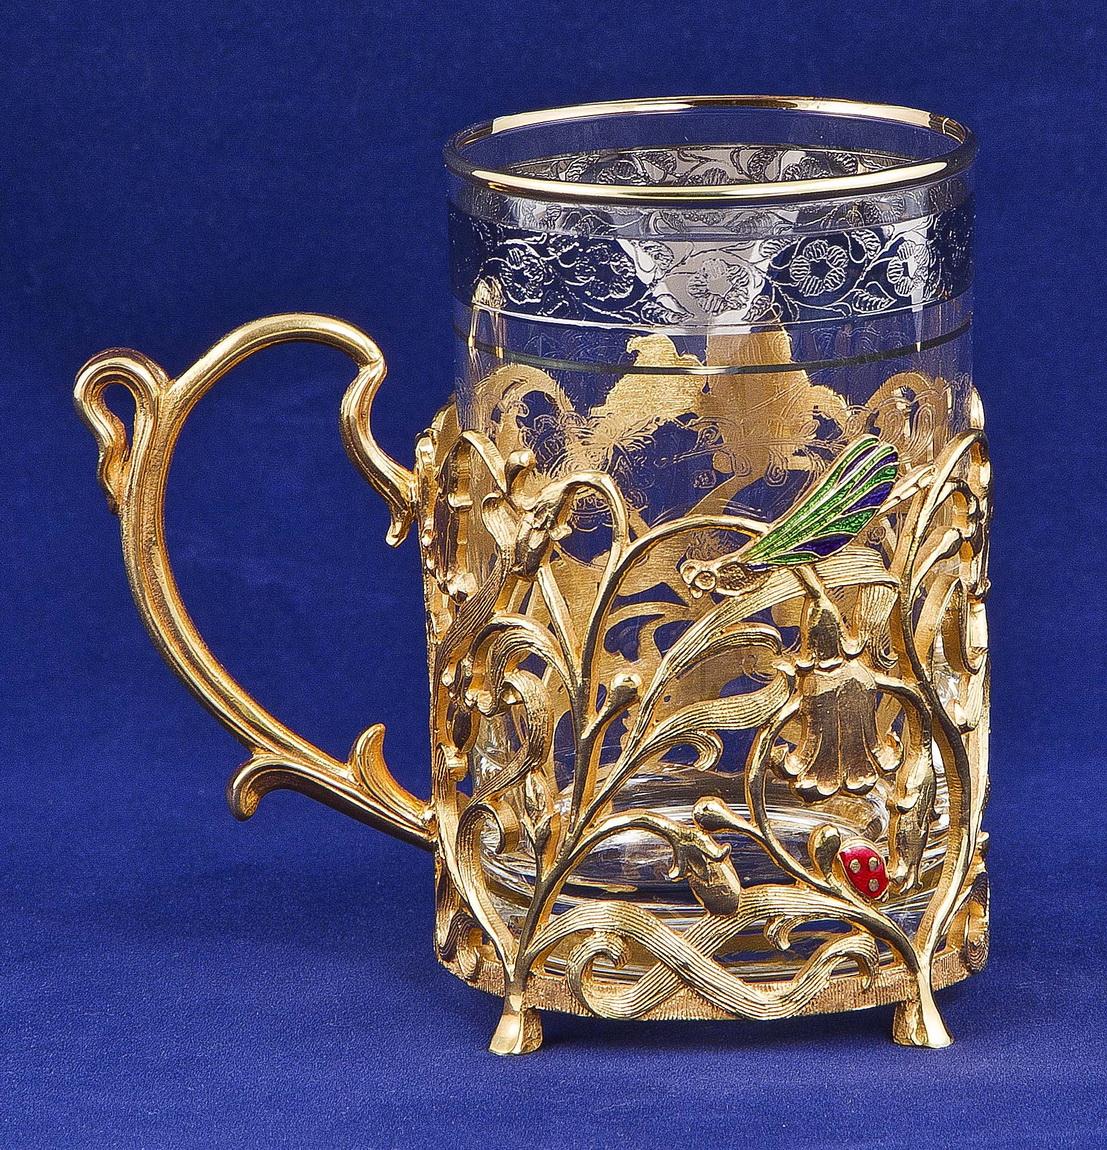 Набор для чая с френч-прессом Колокольчик, золото